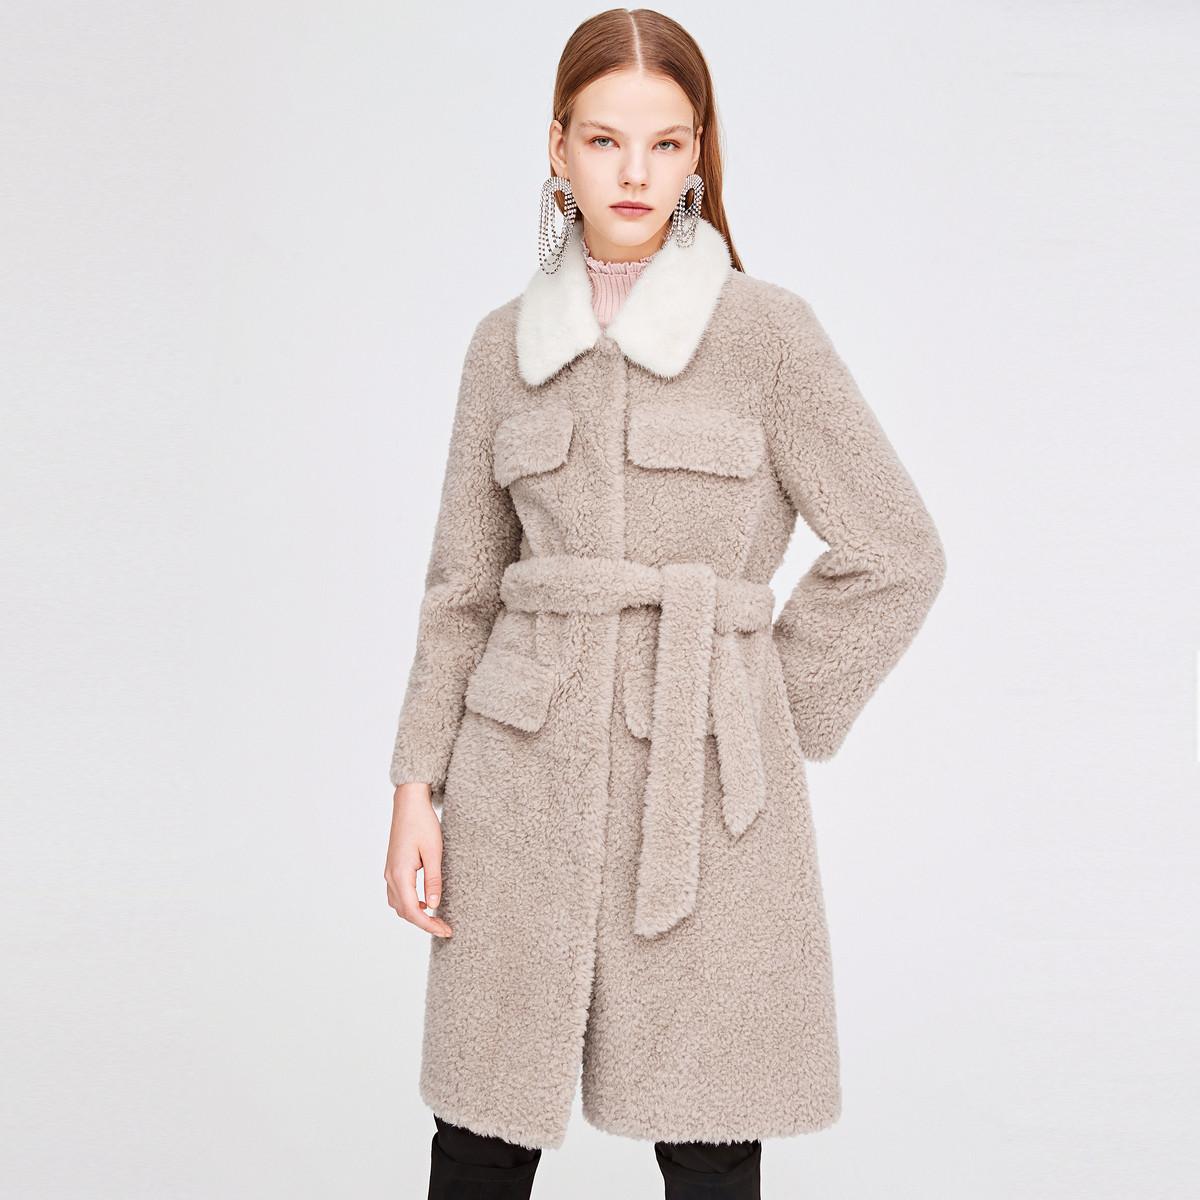 诗篇影儿诗篇2019年冬季新品时尚纯色中长款外套6C5958028075